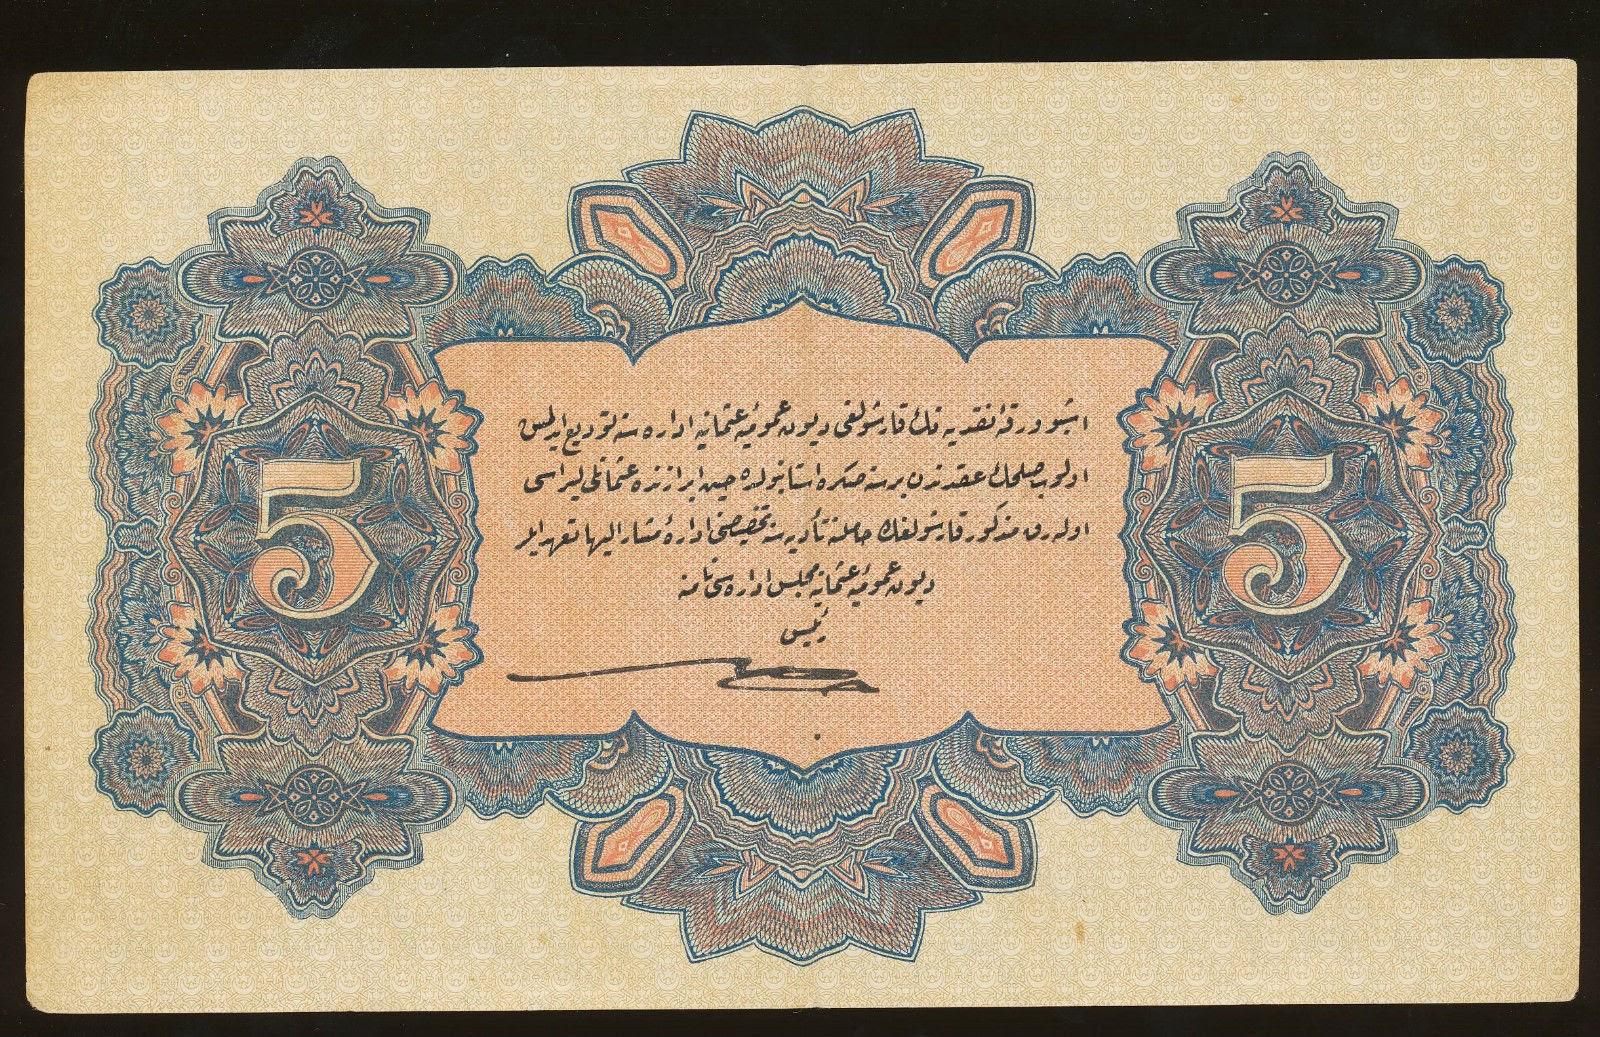 Ottoman Empire 5 Livres banknote 1912